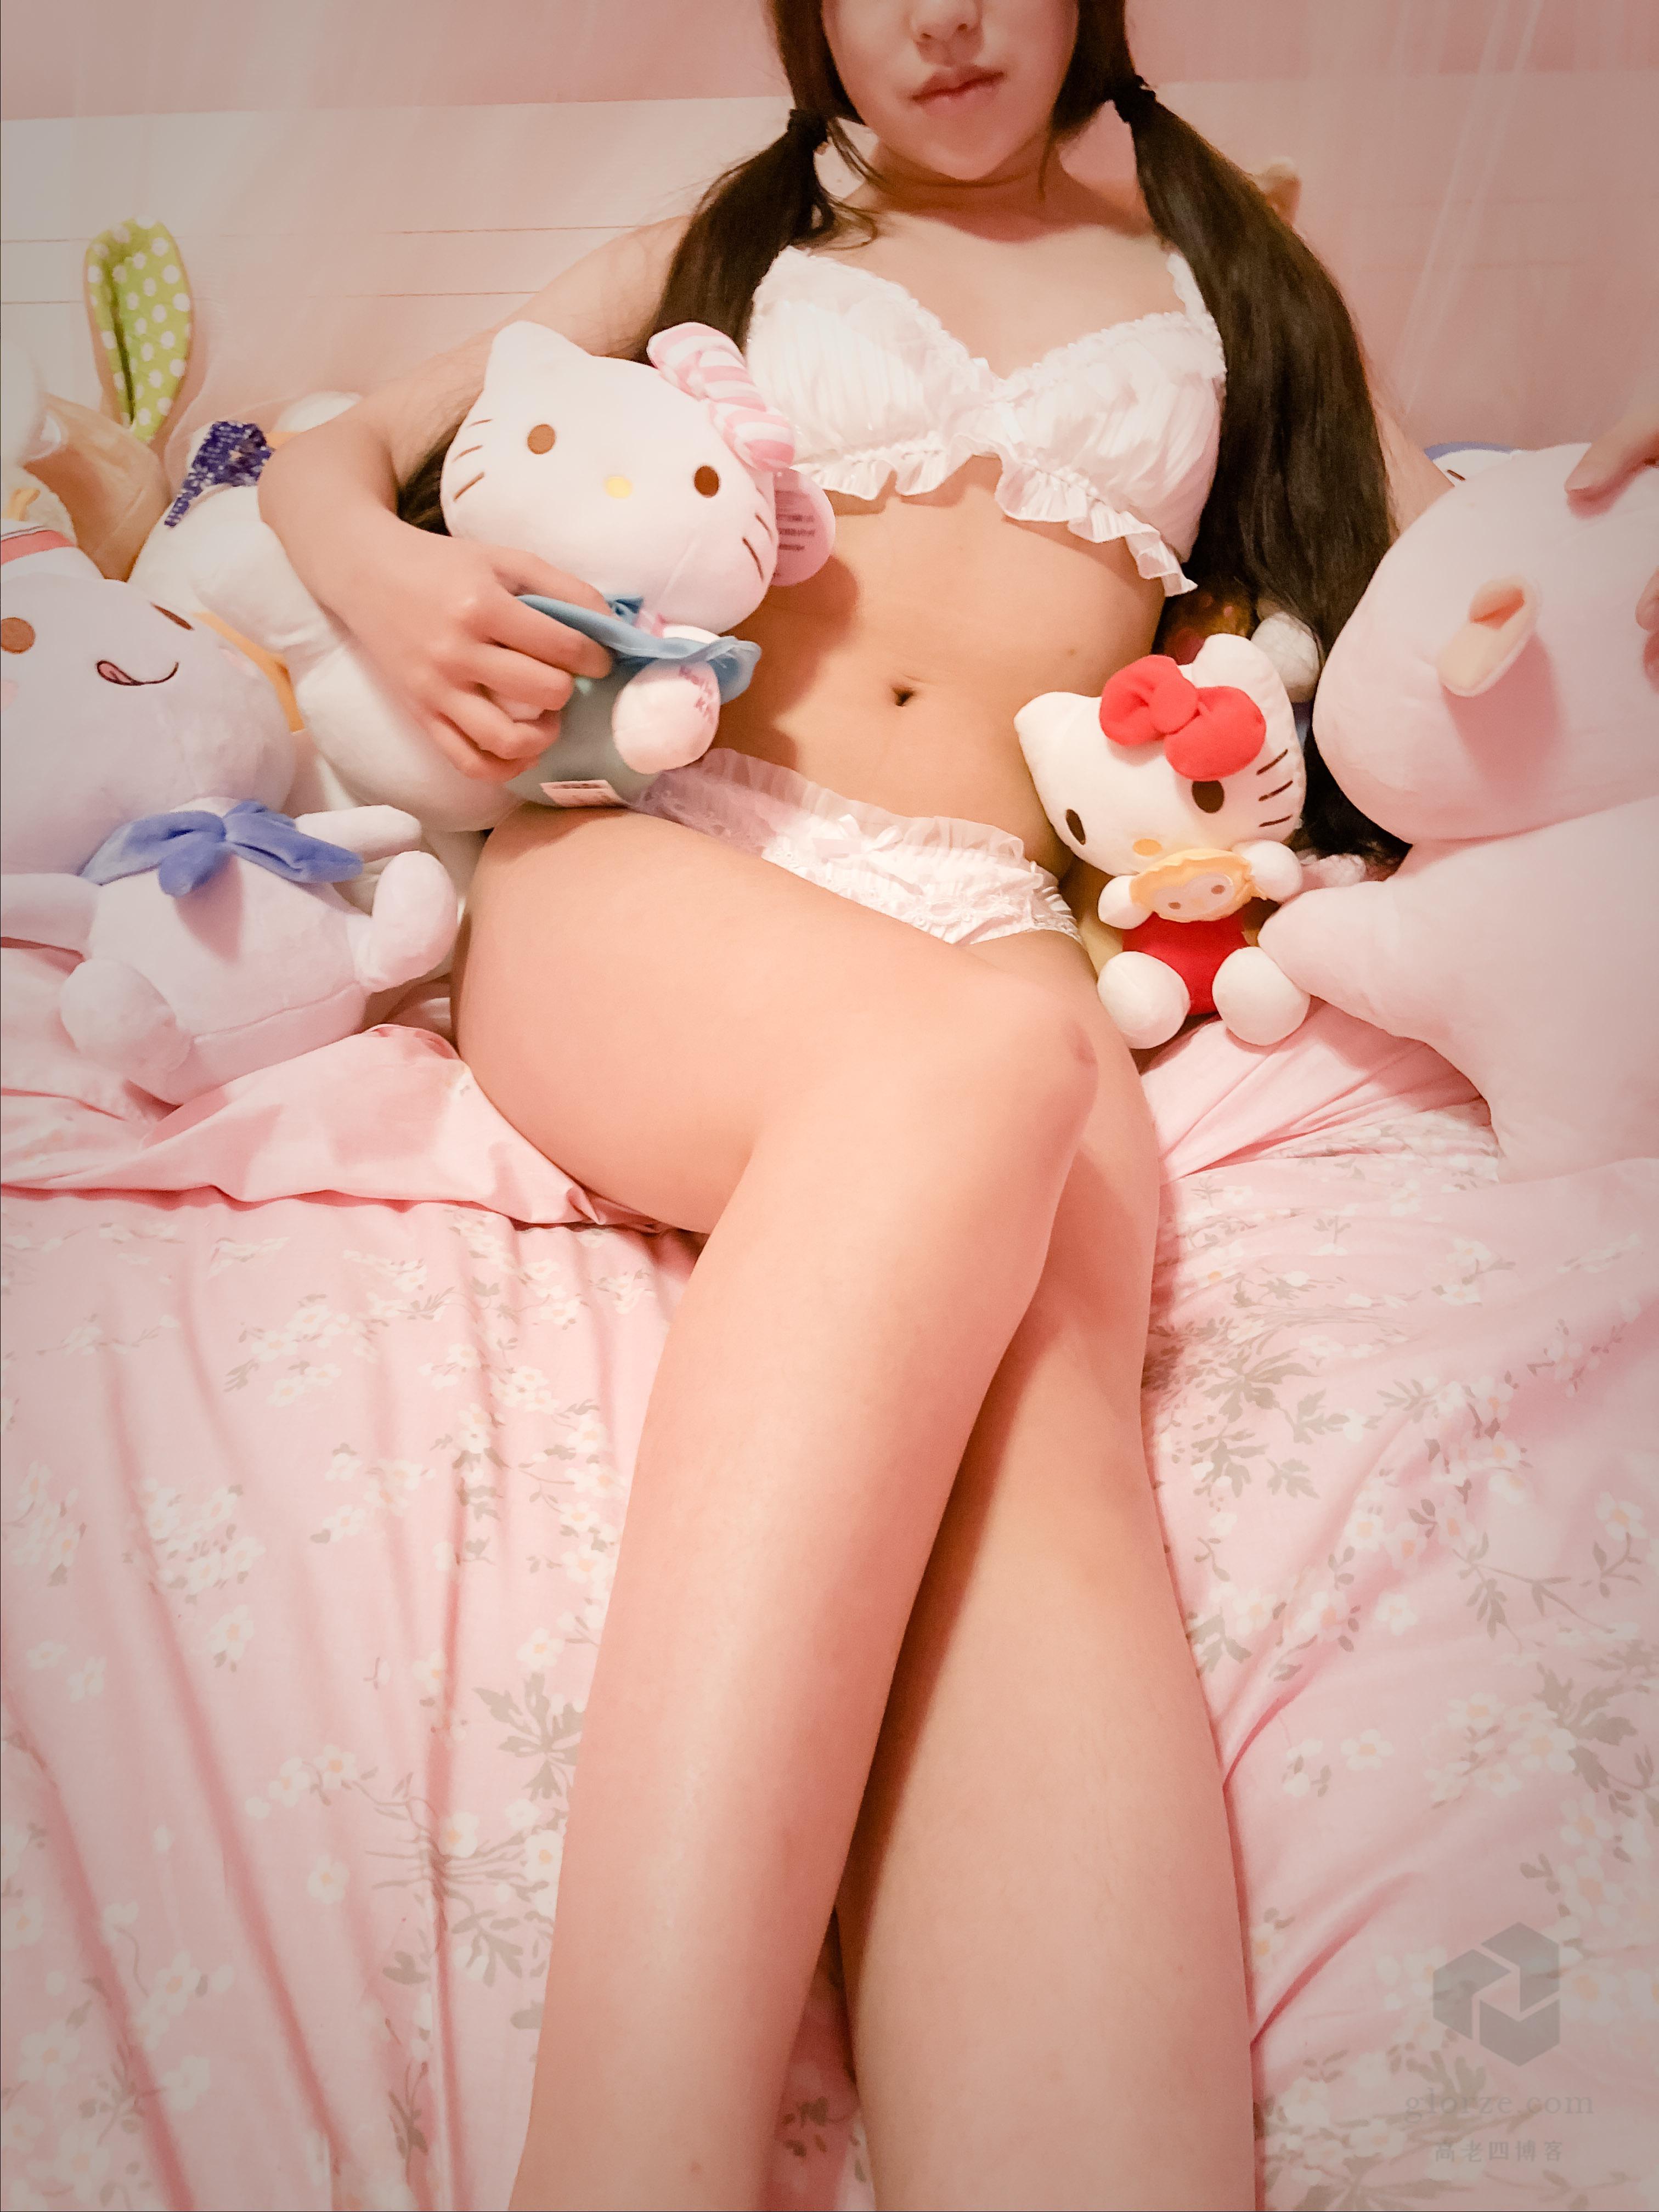 白色内衣、窗前粉红少女之「是你的猫仙啊」露脸两套[97P+127P]的图片-高老四博客 第2张